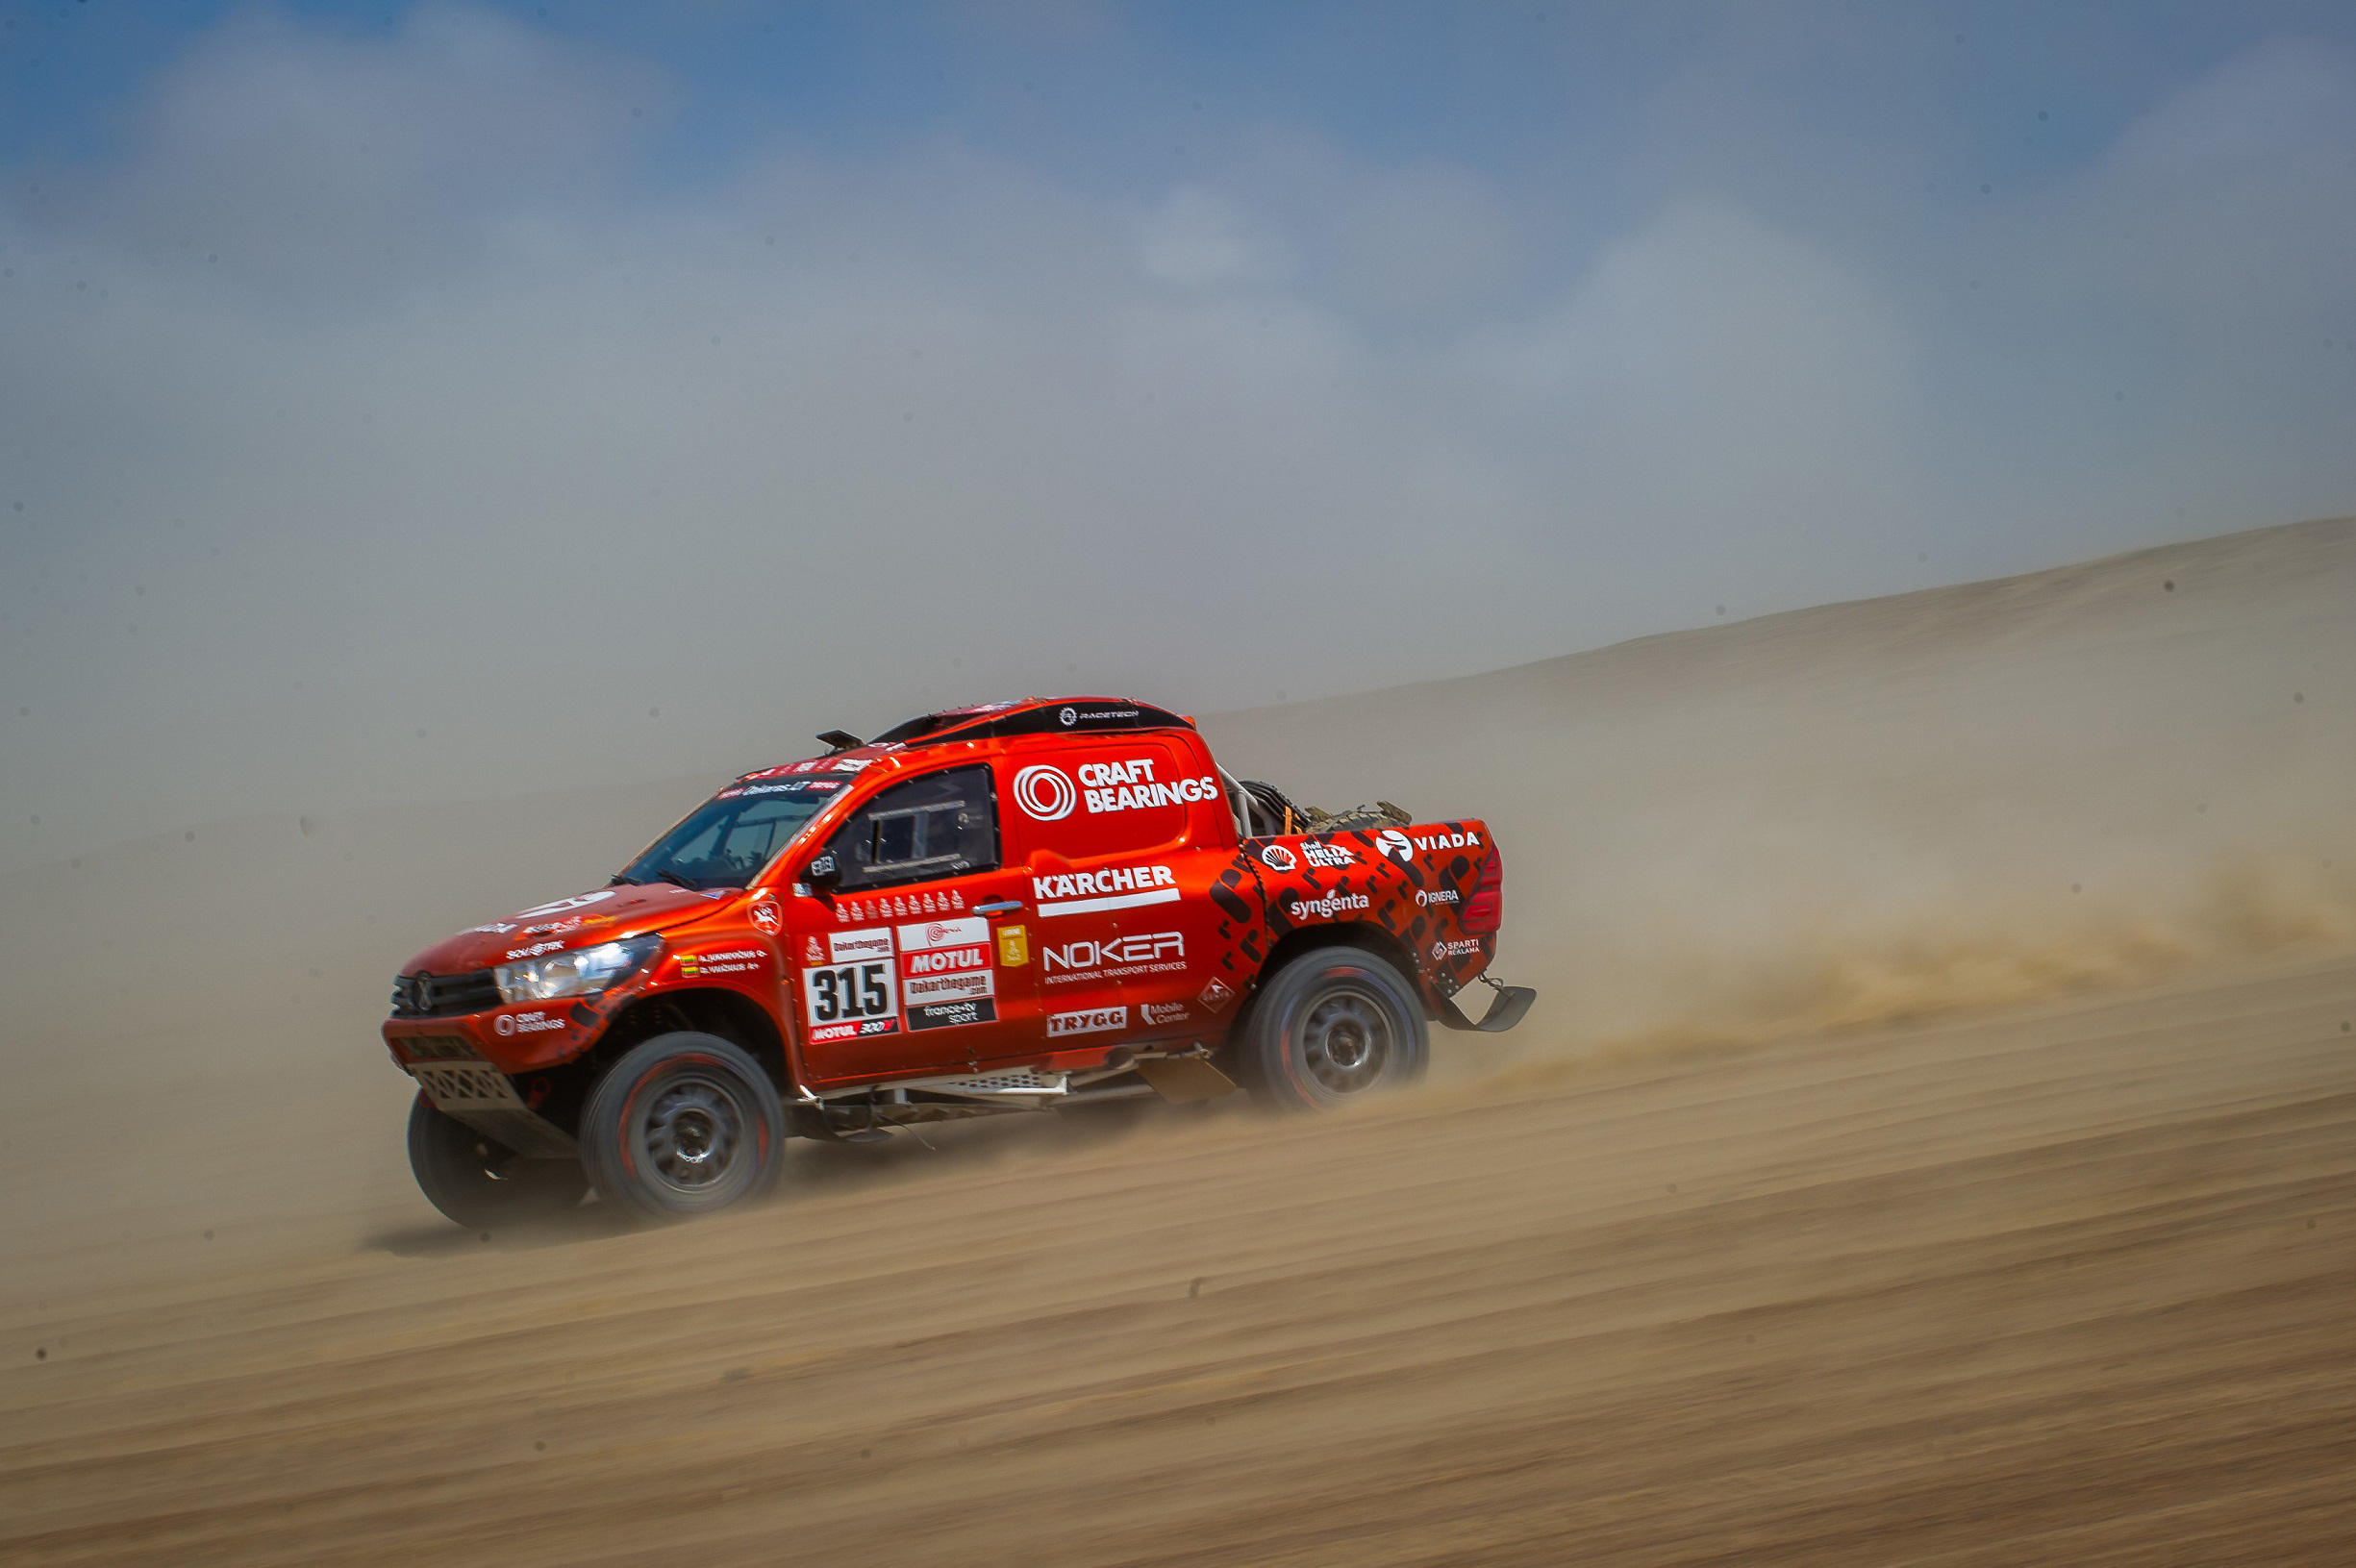 Lietuviai Dakare: septintajame etape trys lietuvių ekipažai - tarp 23 greičiausių